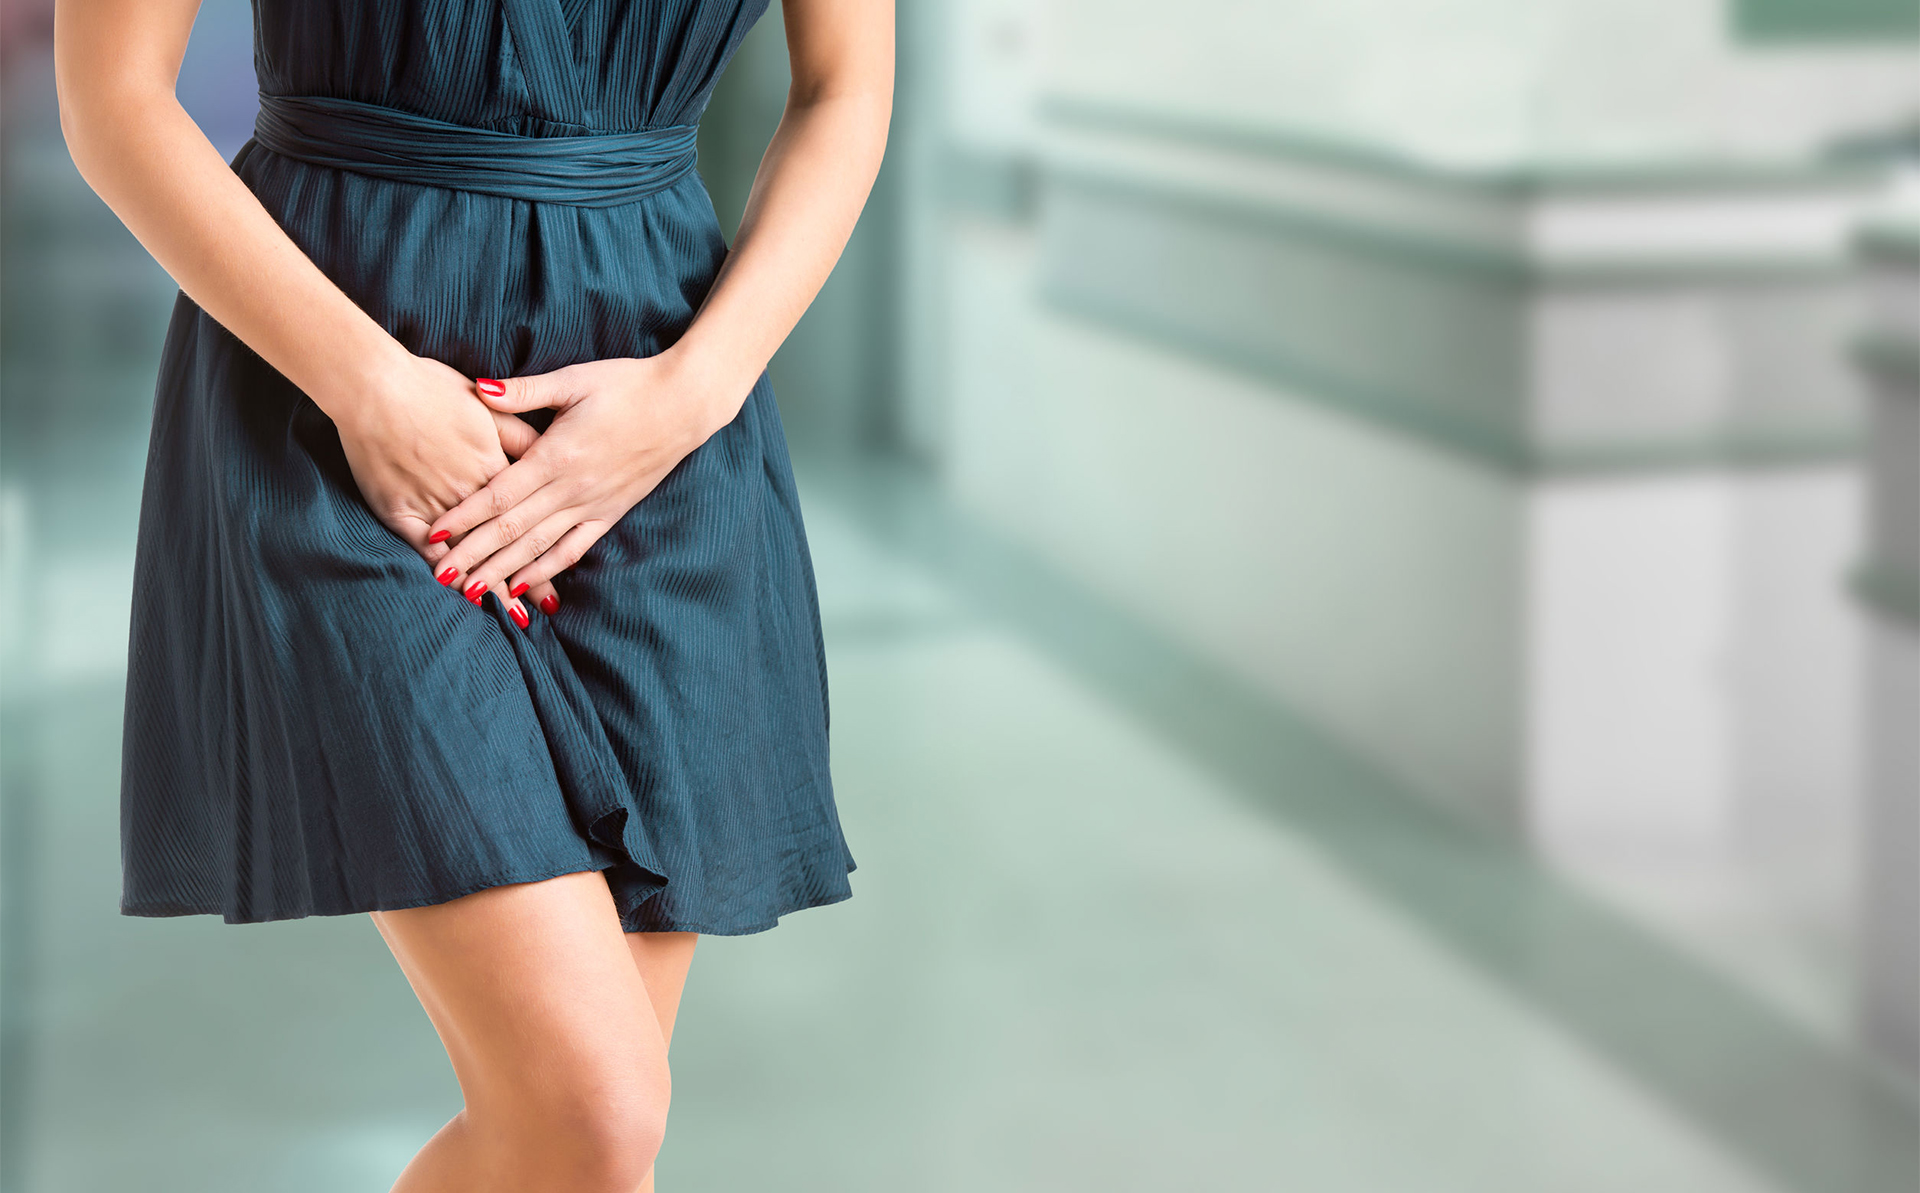 Blasenentzündung: Wie man sie mit ein paar einfachen Schritten loswerden kann